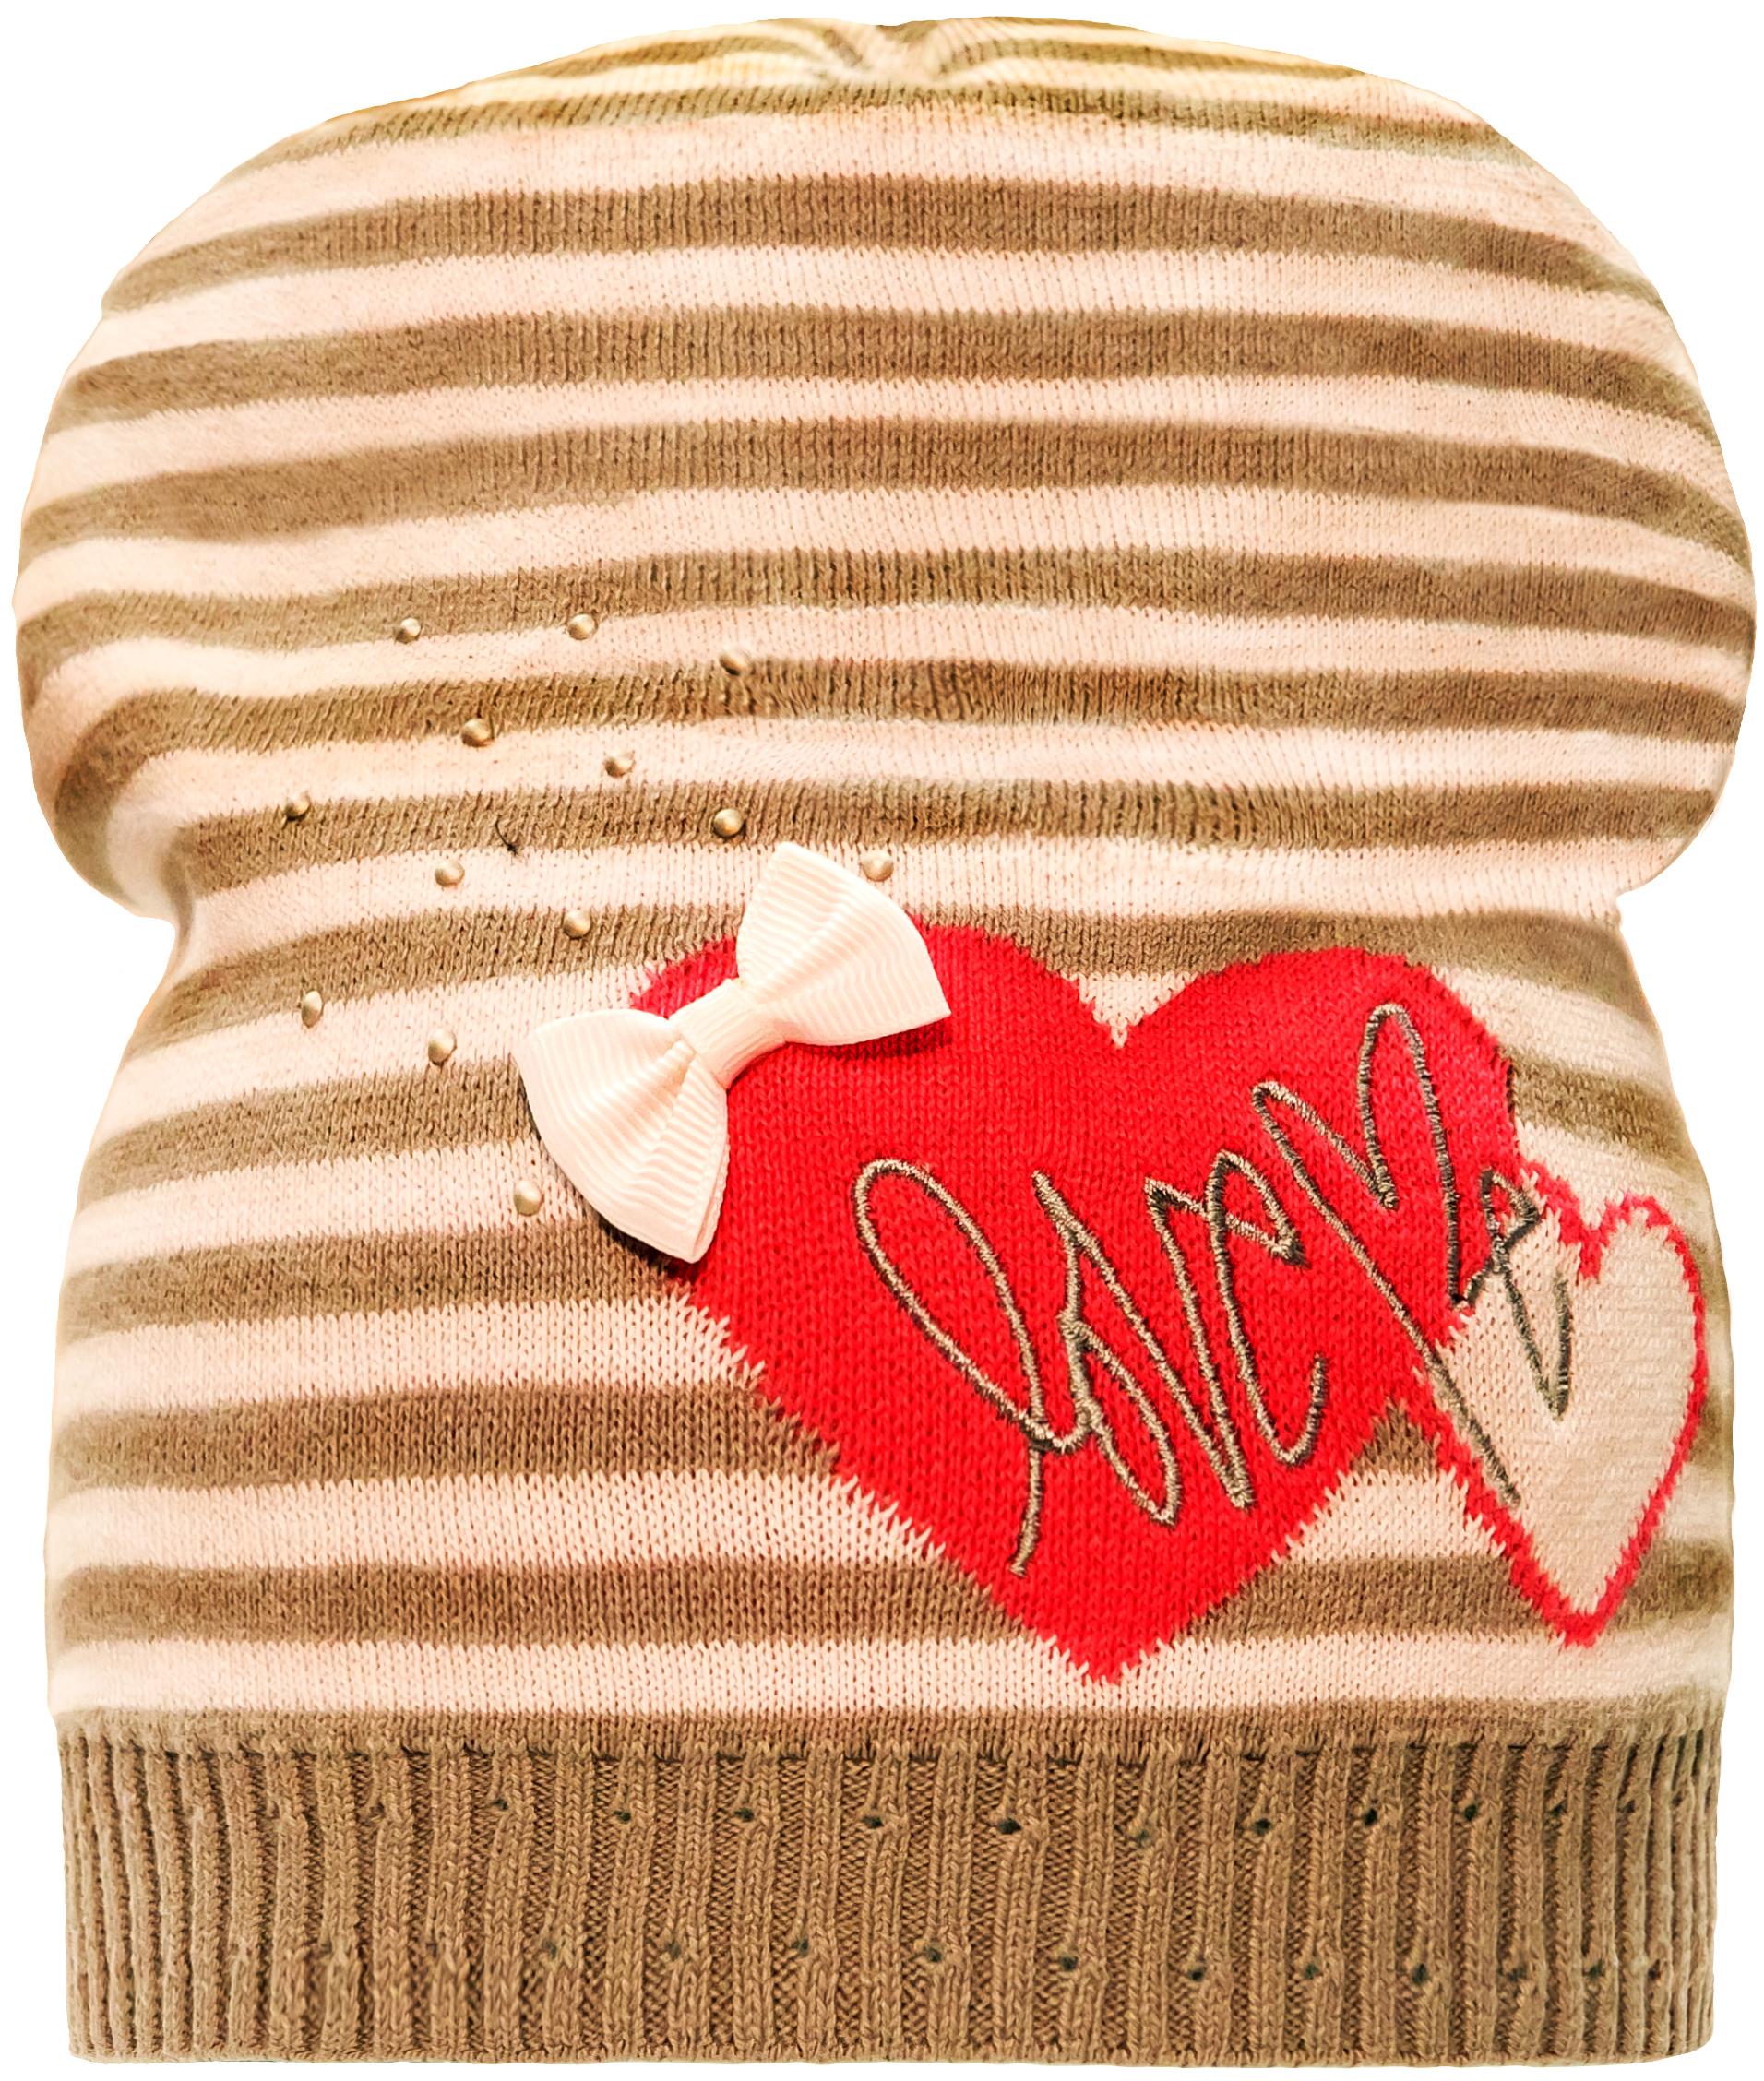 Купить Головные уборы, Шапка для девочки Barkito, светло-серая с рисунком в полоску, Россия, светло-серый с рисунком в полоску, Женский